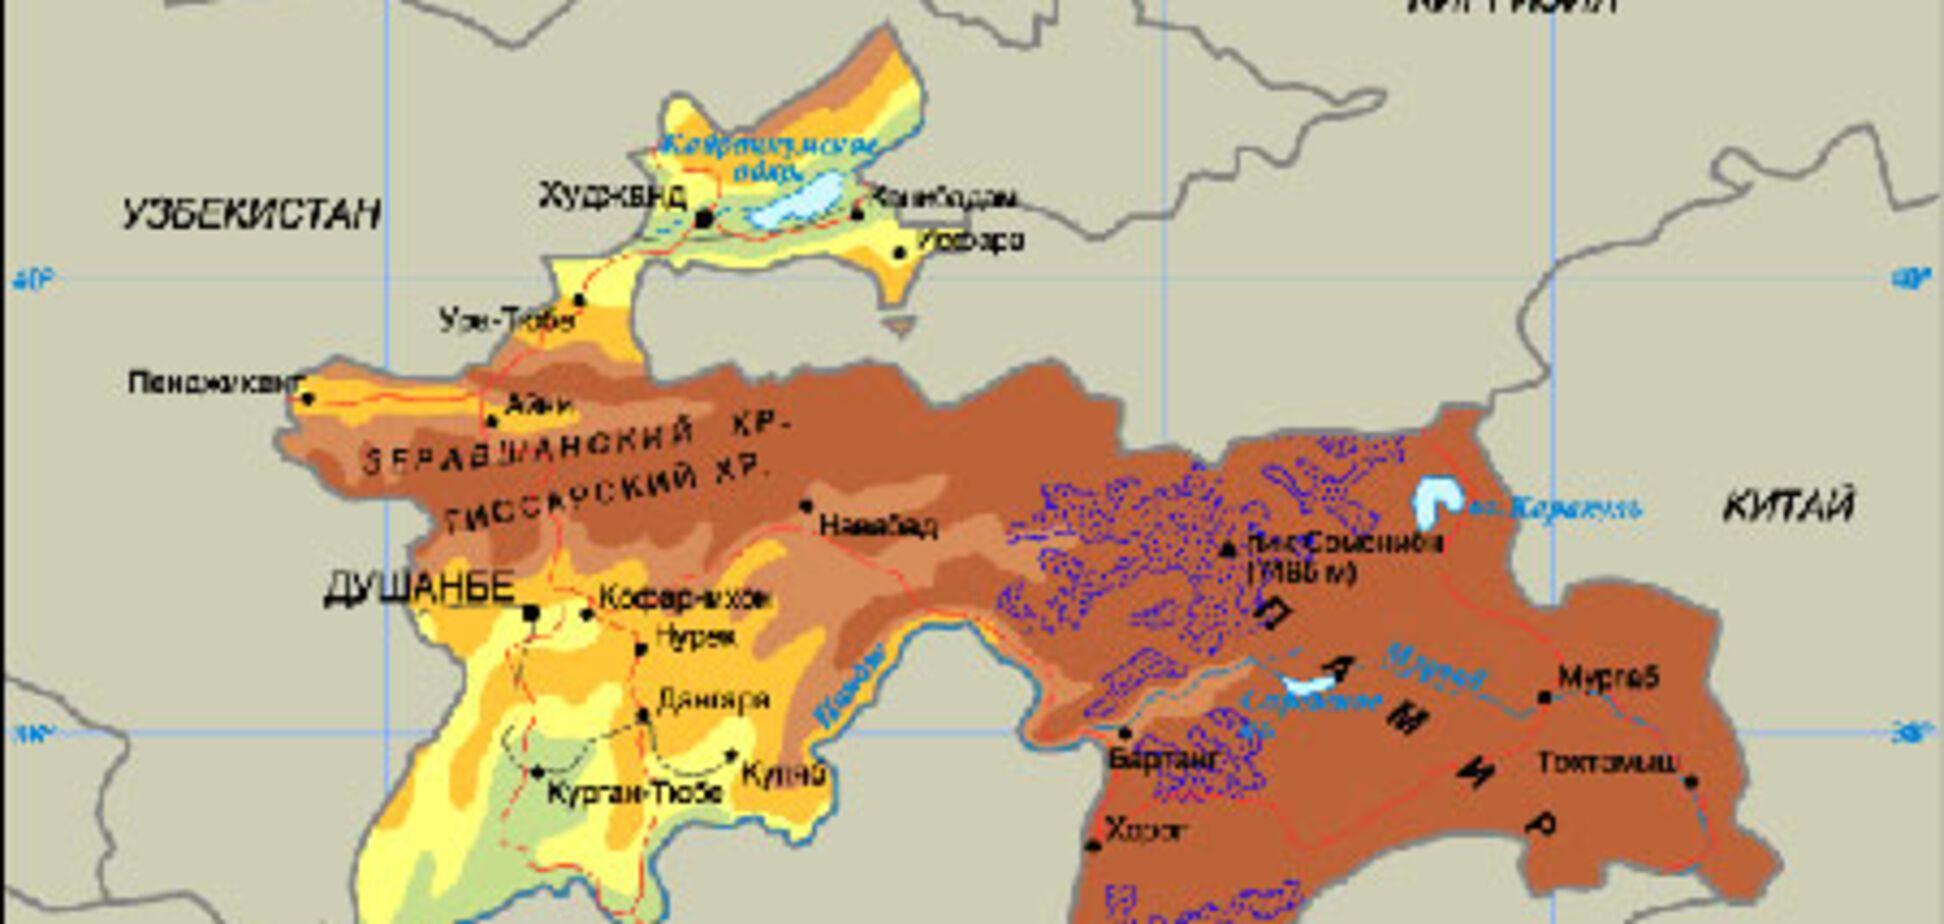 Таджикистан віддав Китаю частину своєї території